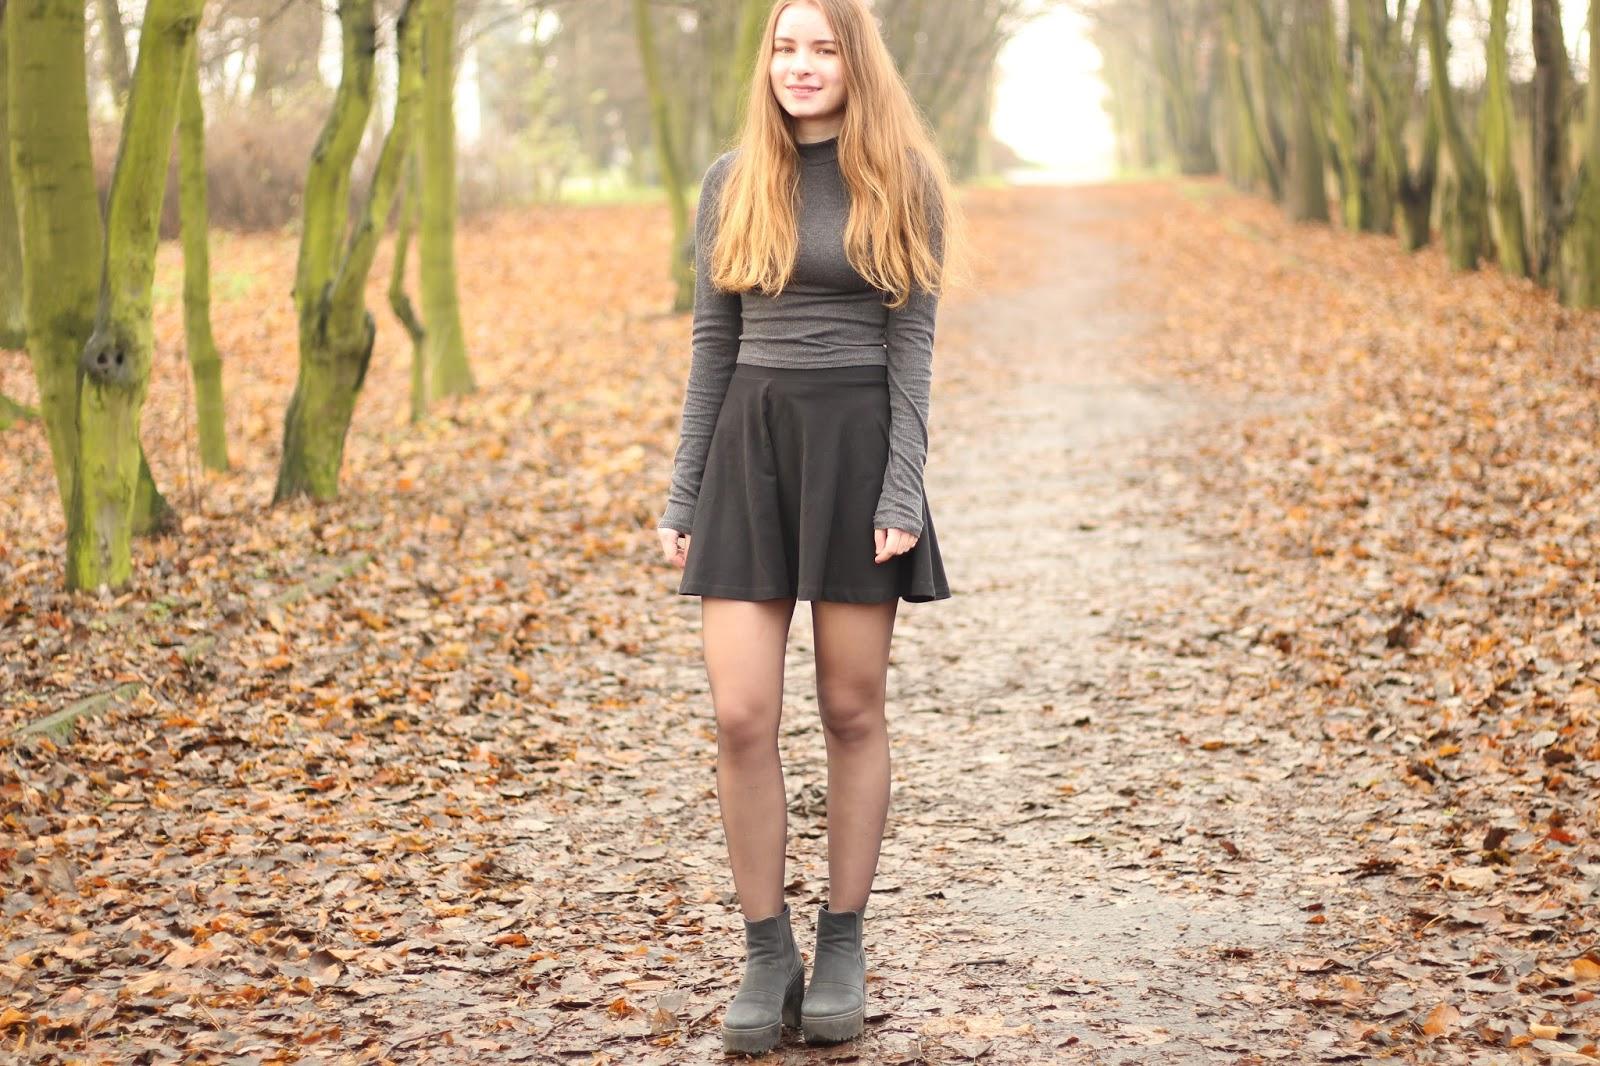 minimalizm ootd do szkoły outfit basic jesień zima